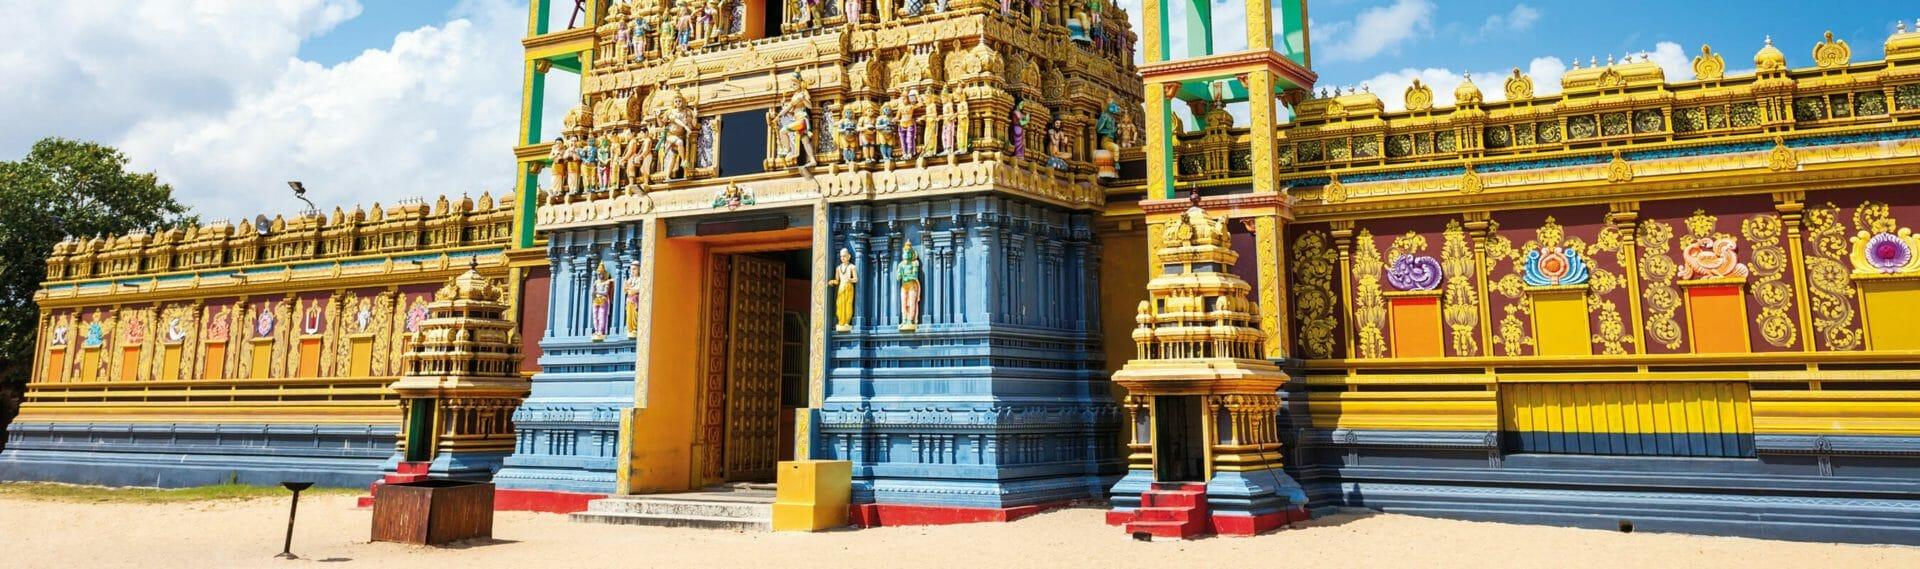 Temple_jaffna